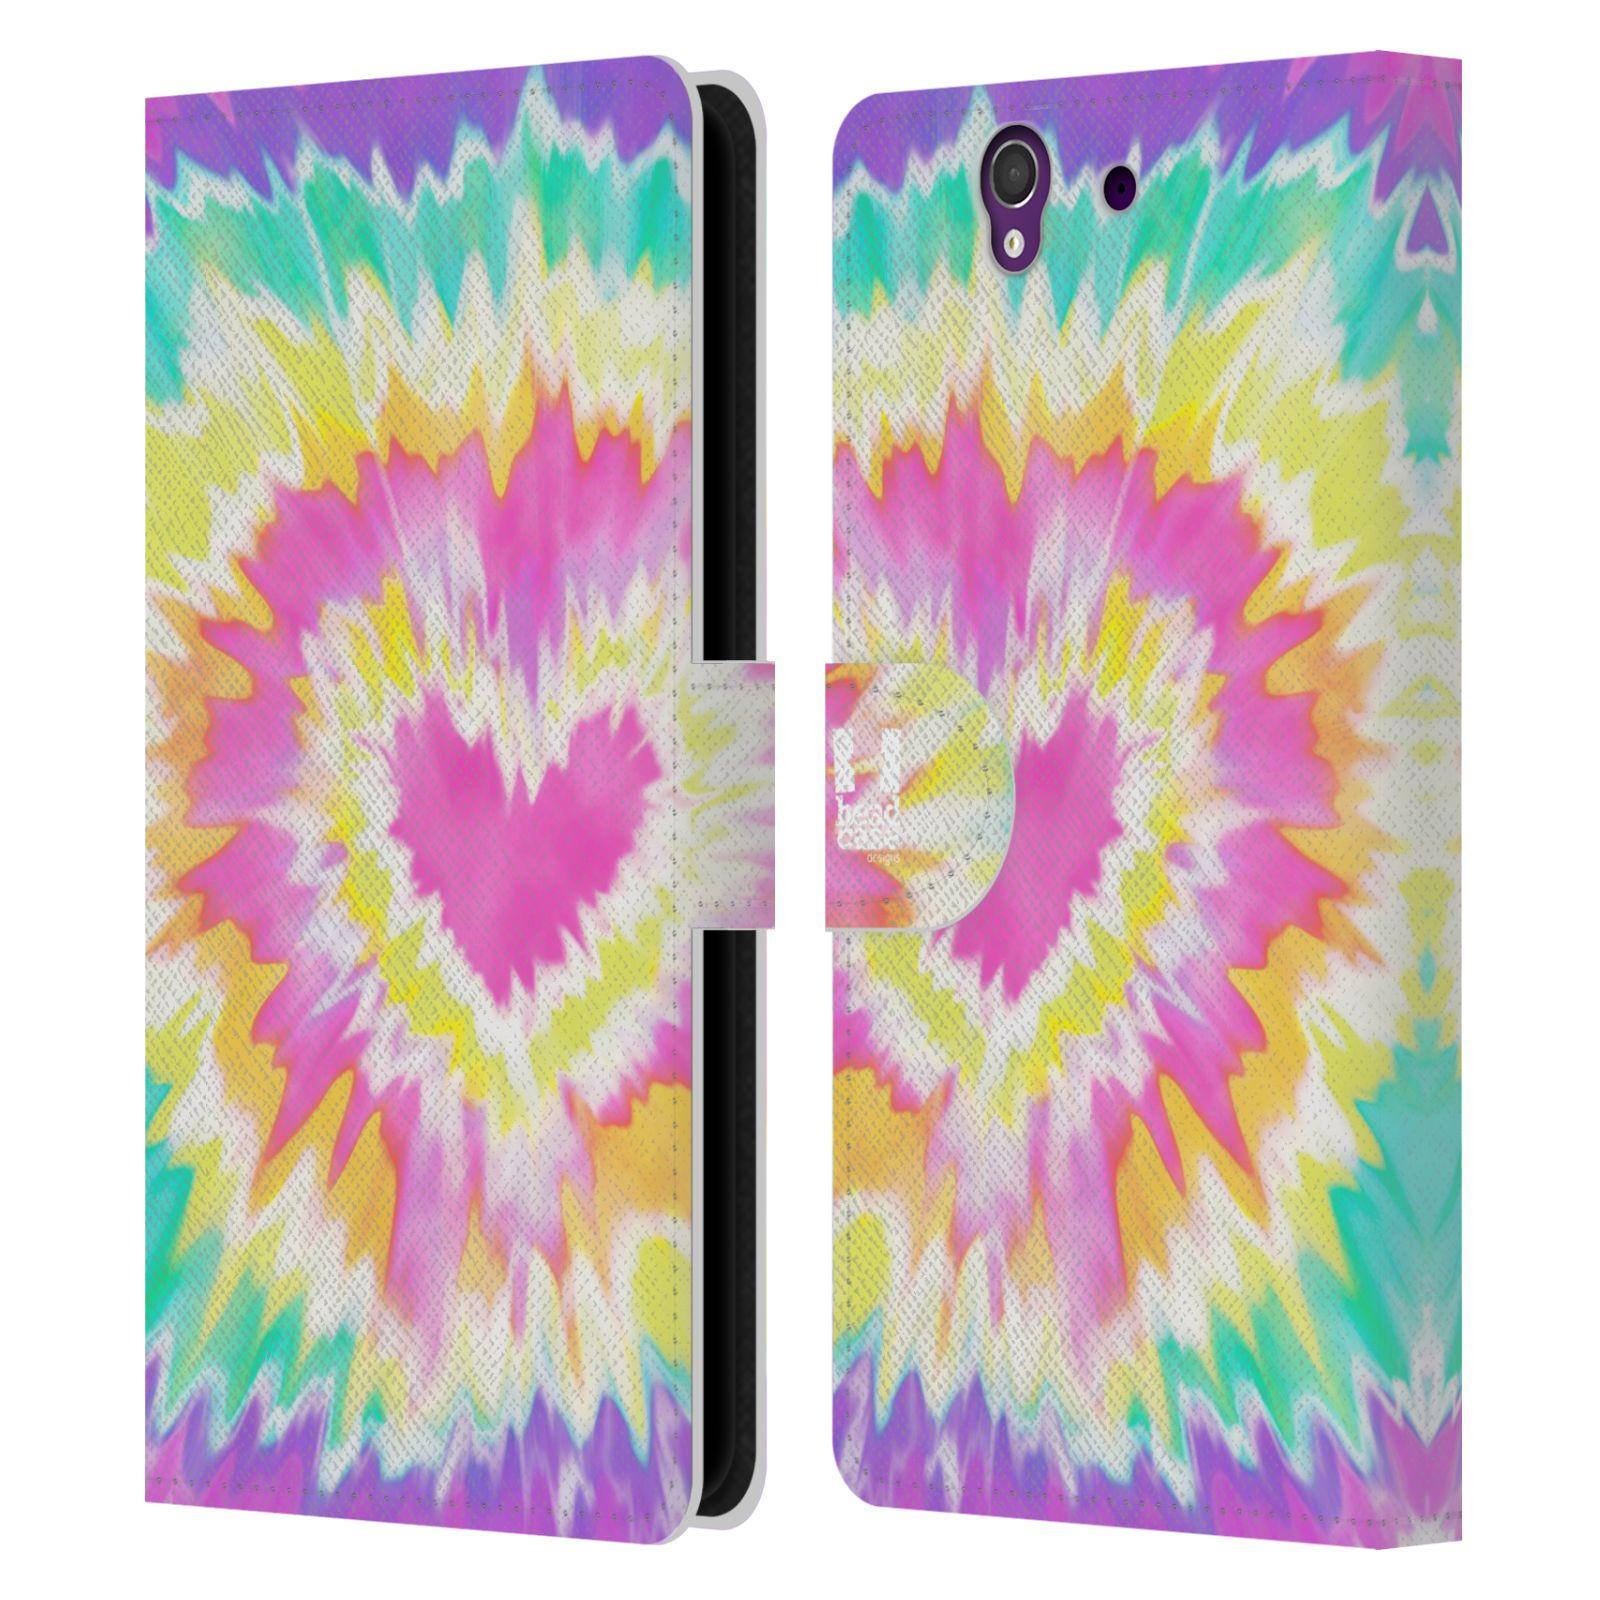 HEAD CASE Flipové pouzdro pro mobil SONY XPERIA Z (C6603) umělecká malba srdce růžová